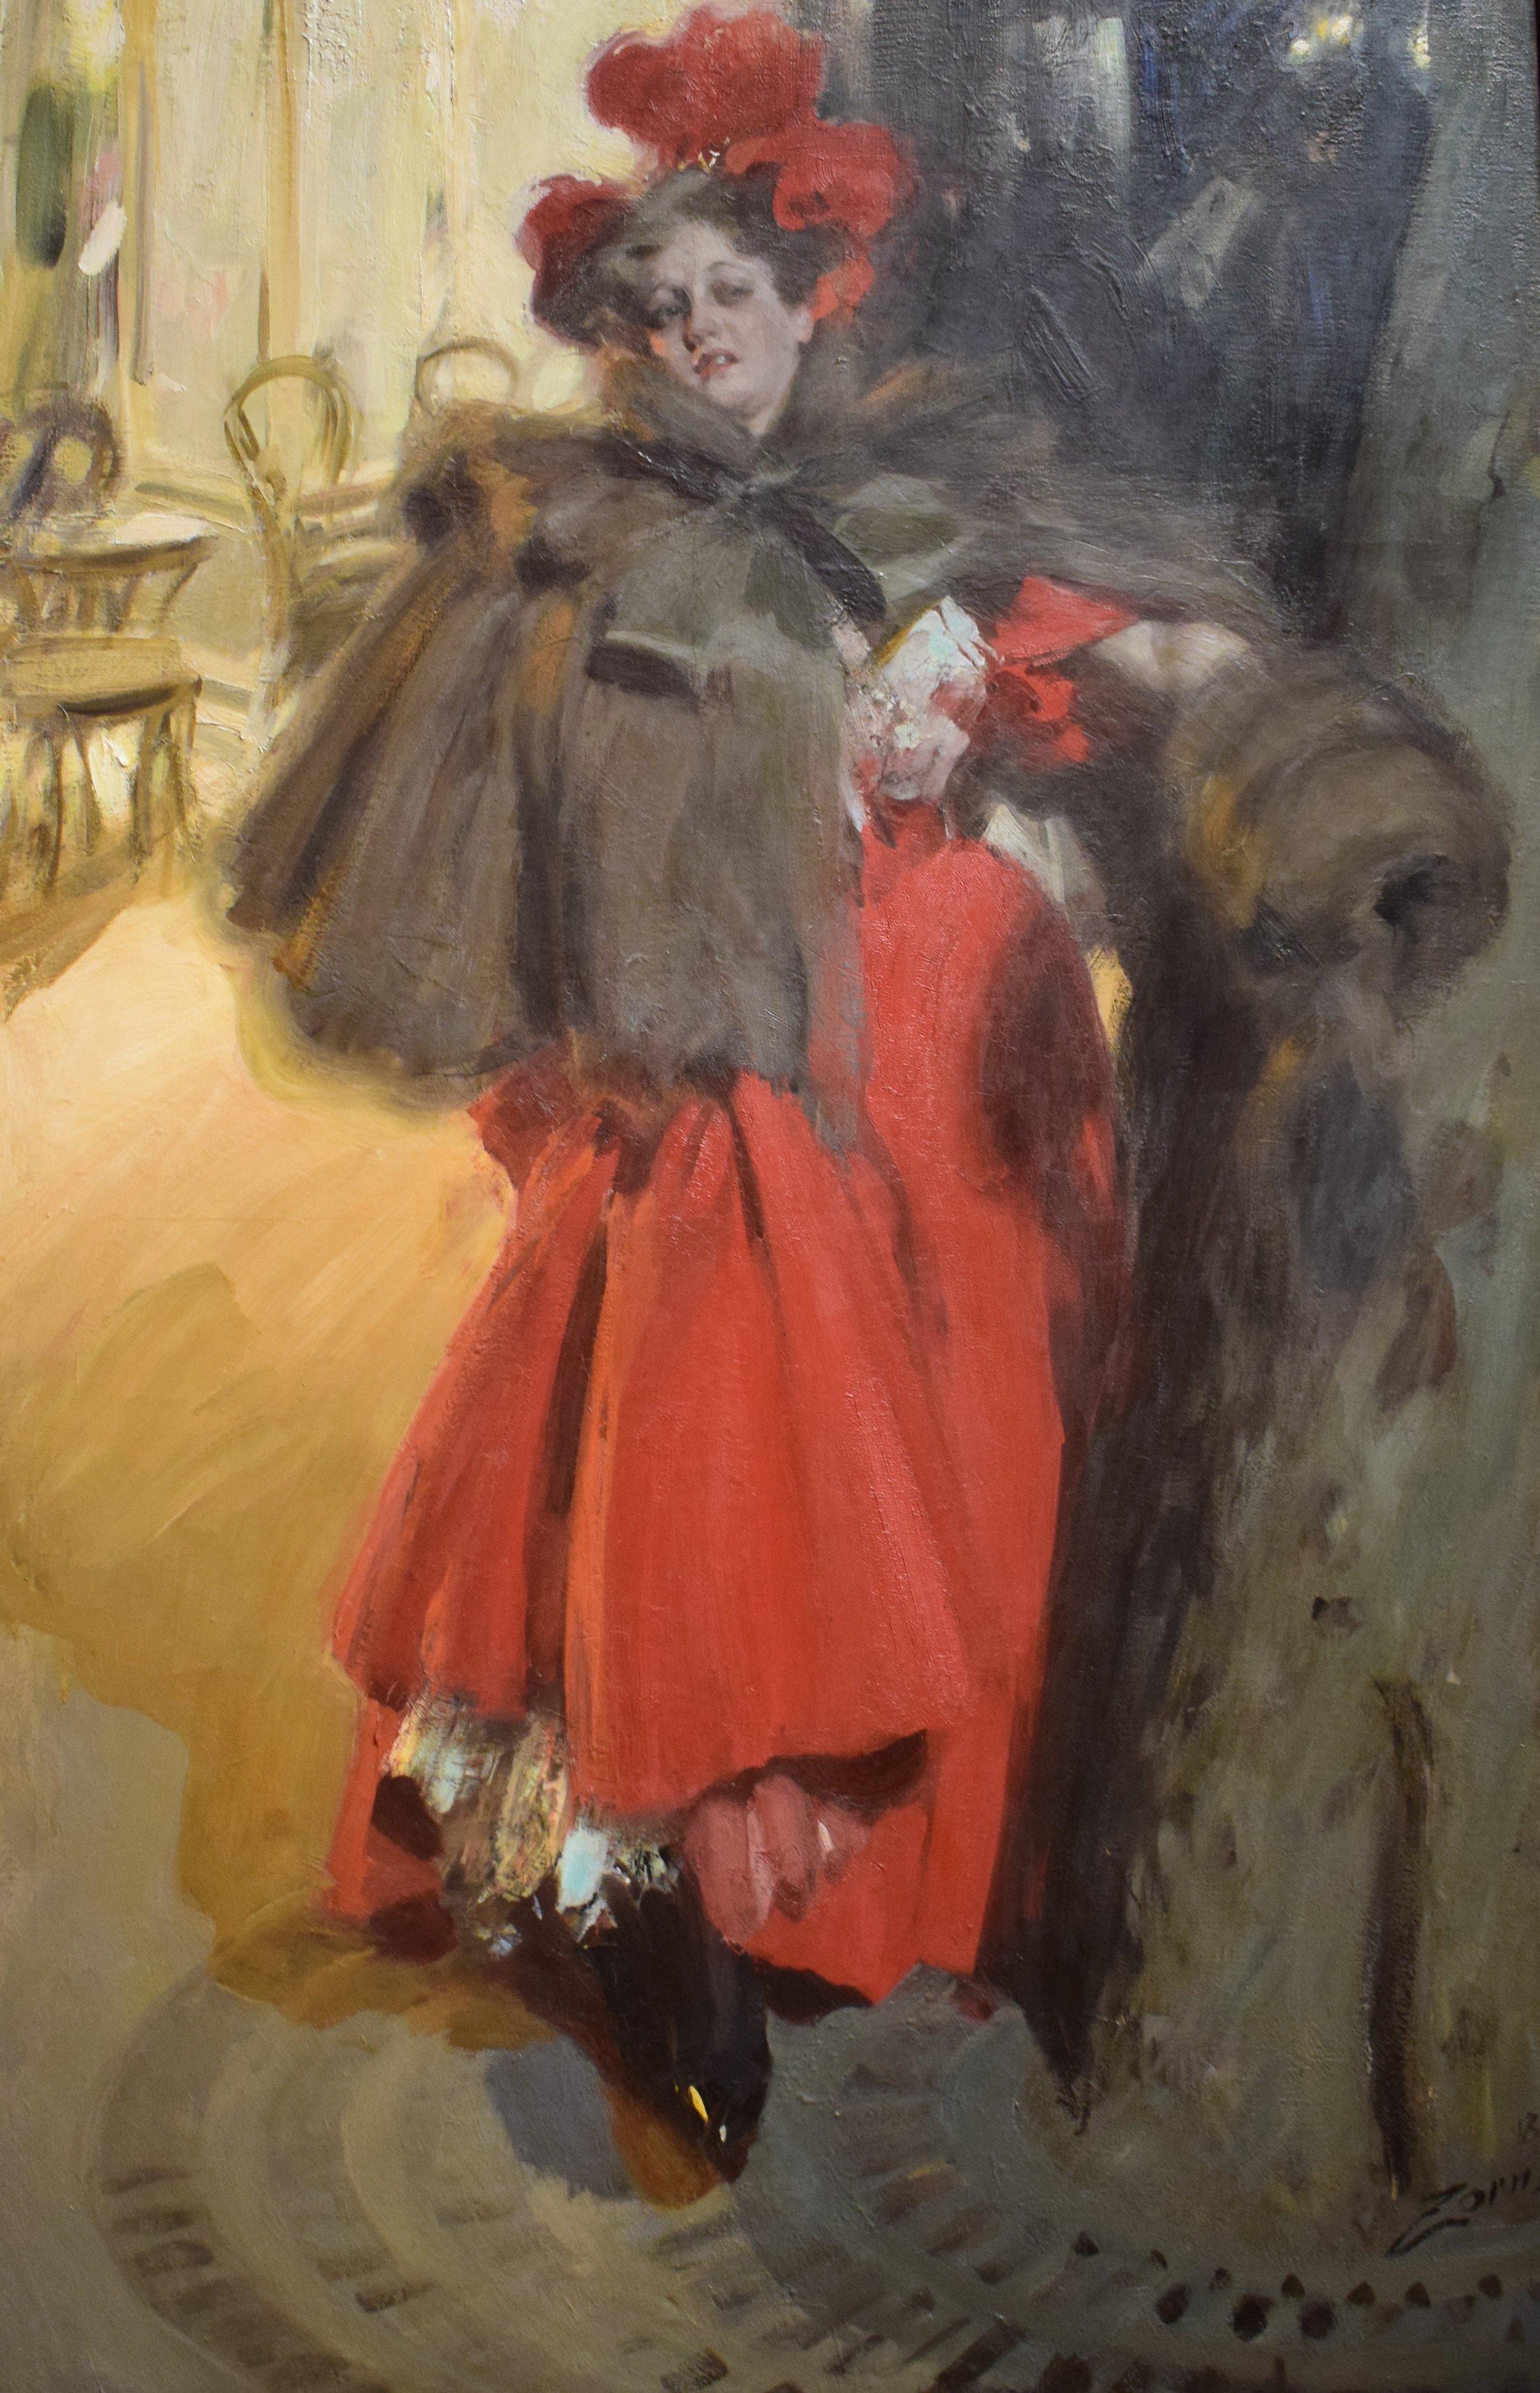 Anders Zorn, Natteffekt, 1895